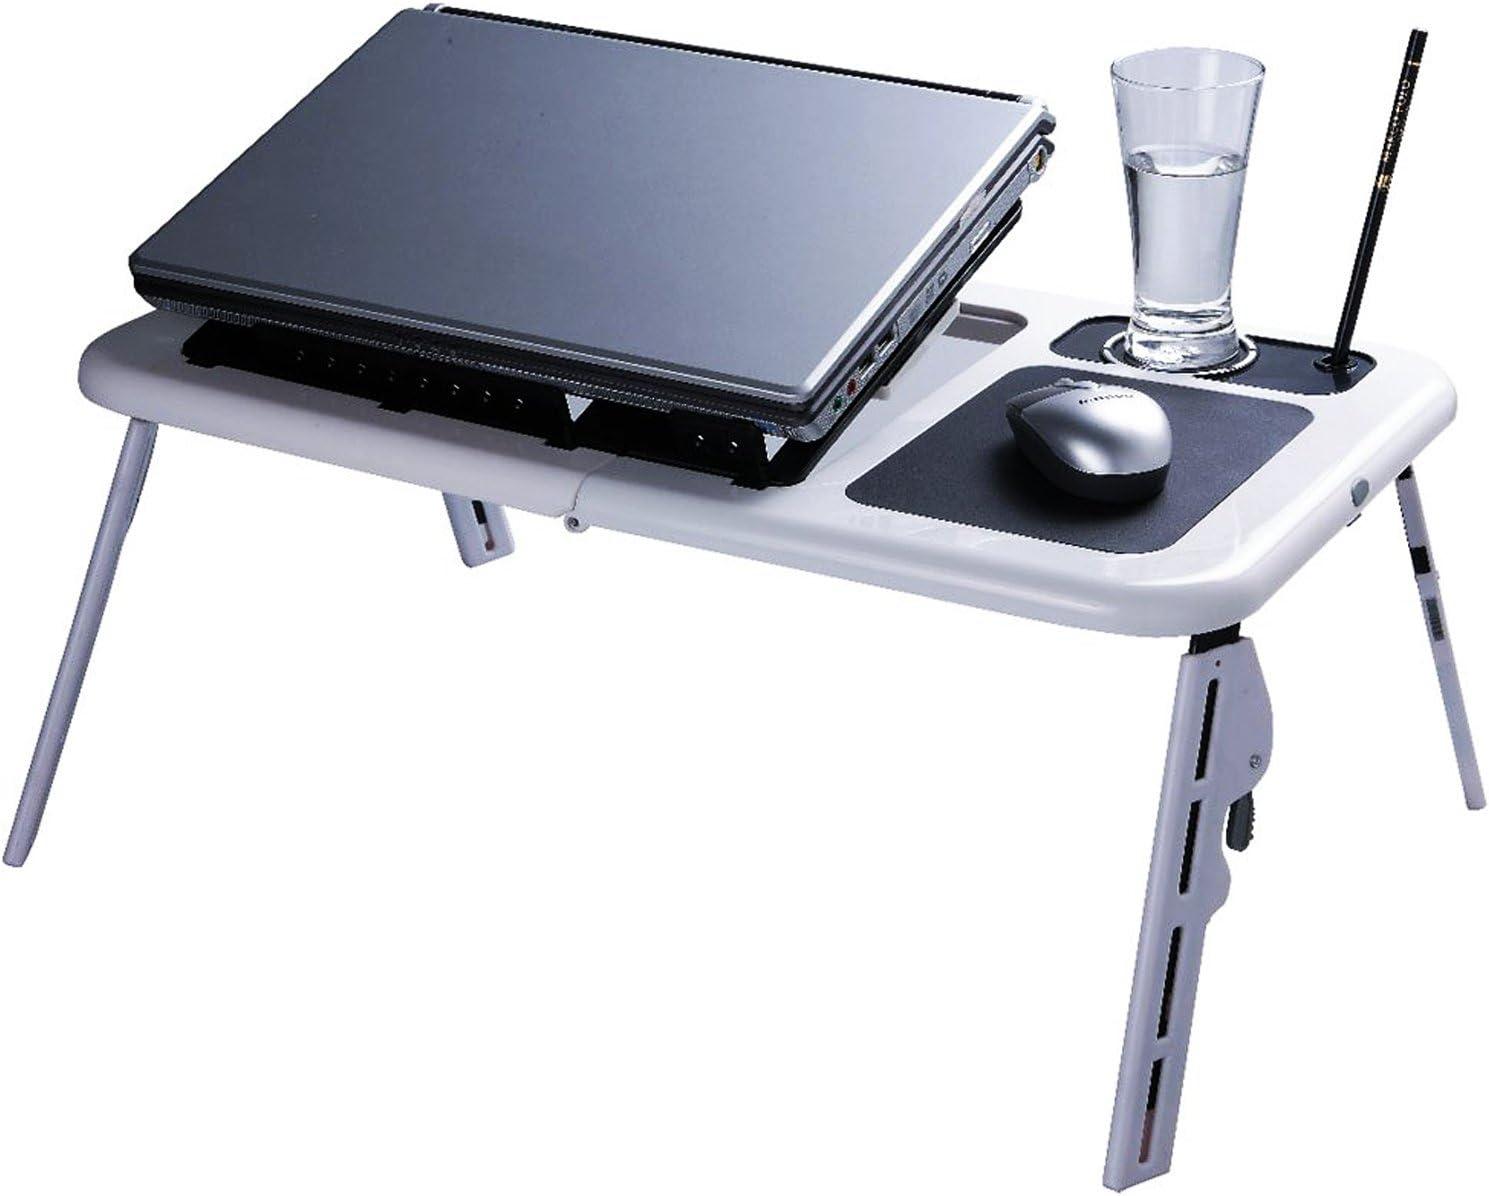 Mesa pequeña de cama para notebook y portátil: Amazon.es: Hogar